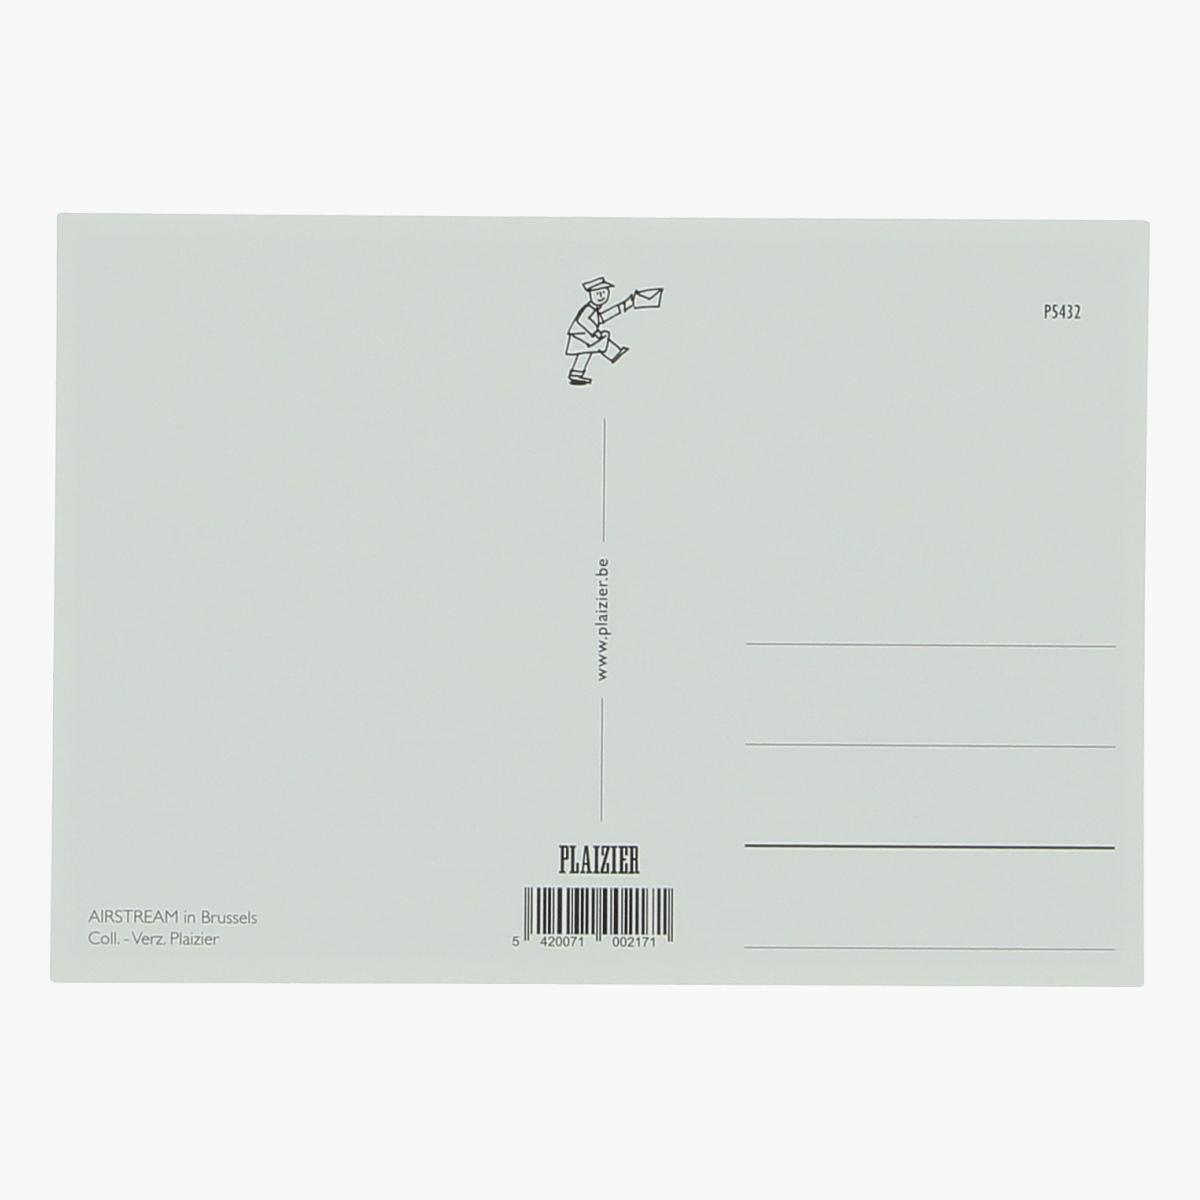 Afbeeldingen van postkaart airstream in brussel